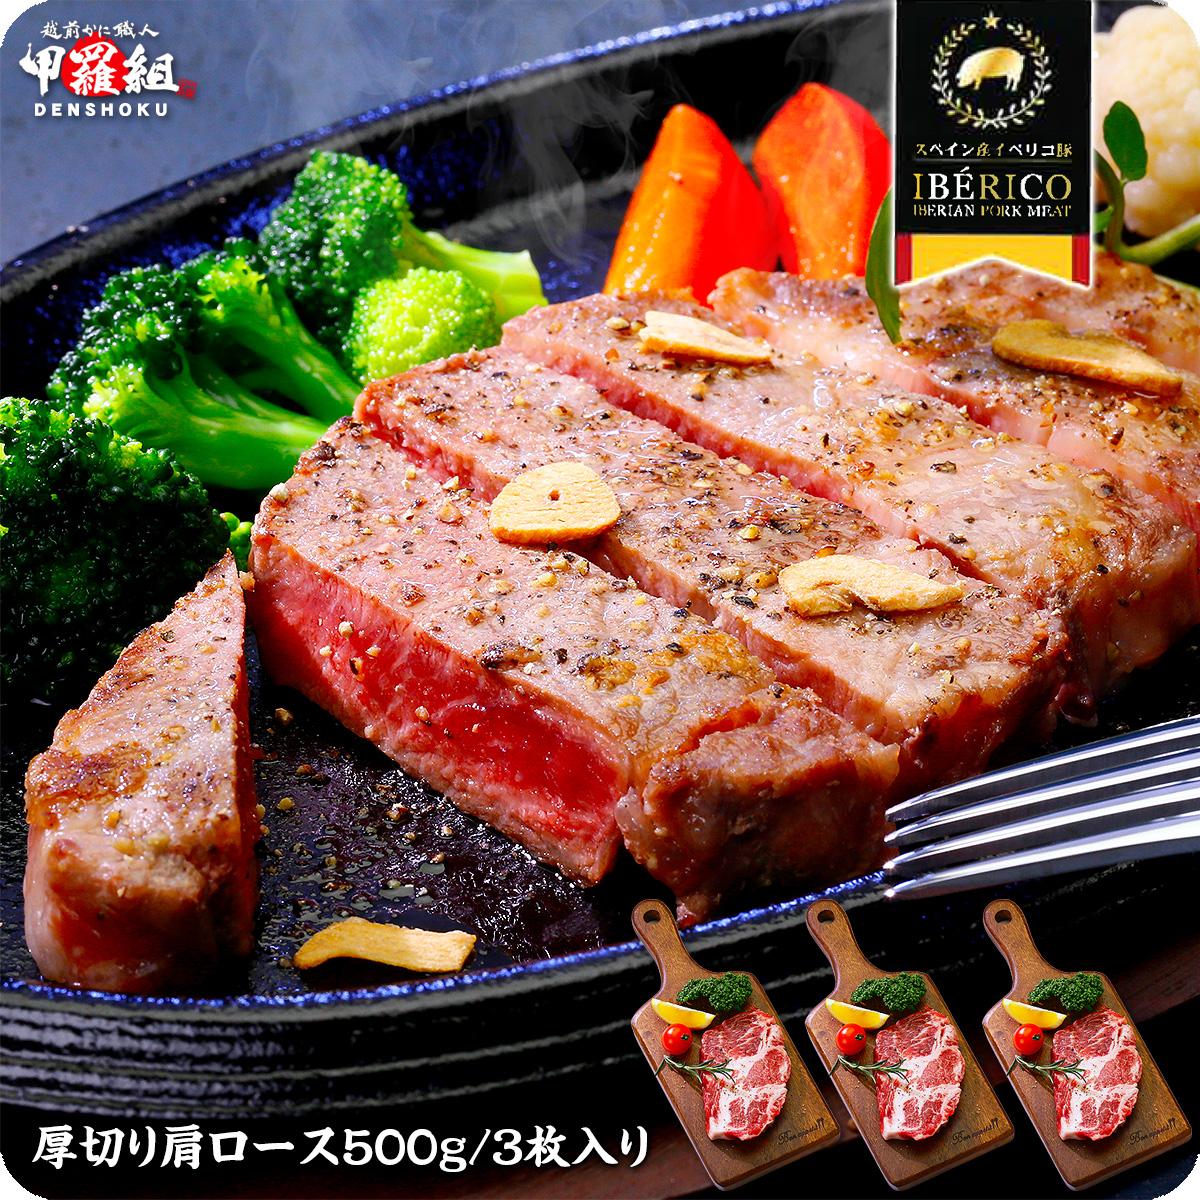 売り出し 赤身の肉の旨味と脂身の甘さが存分に味わえます 送料無料2 499円 在庫あり 更に2個で1 000円OFFクーポンあり 高級イベリコ豚の厚切り肩ロースステーキ500g 約166g×3枚入り ポークステーキ イベリコ バーべキュー 赤身 BBQ ギフト あす楽 お取り寄せ 豚肉 D